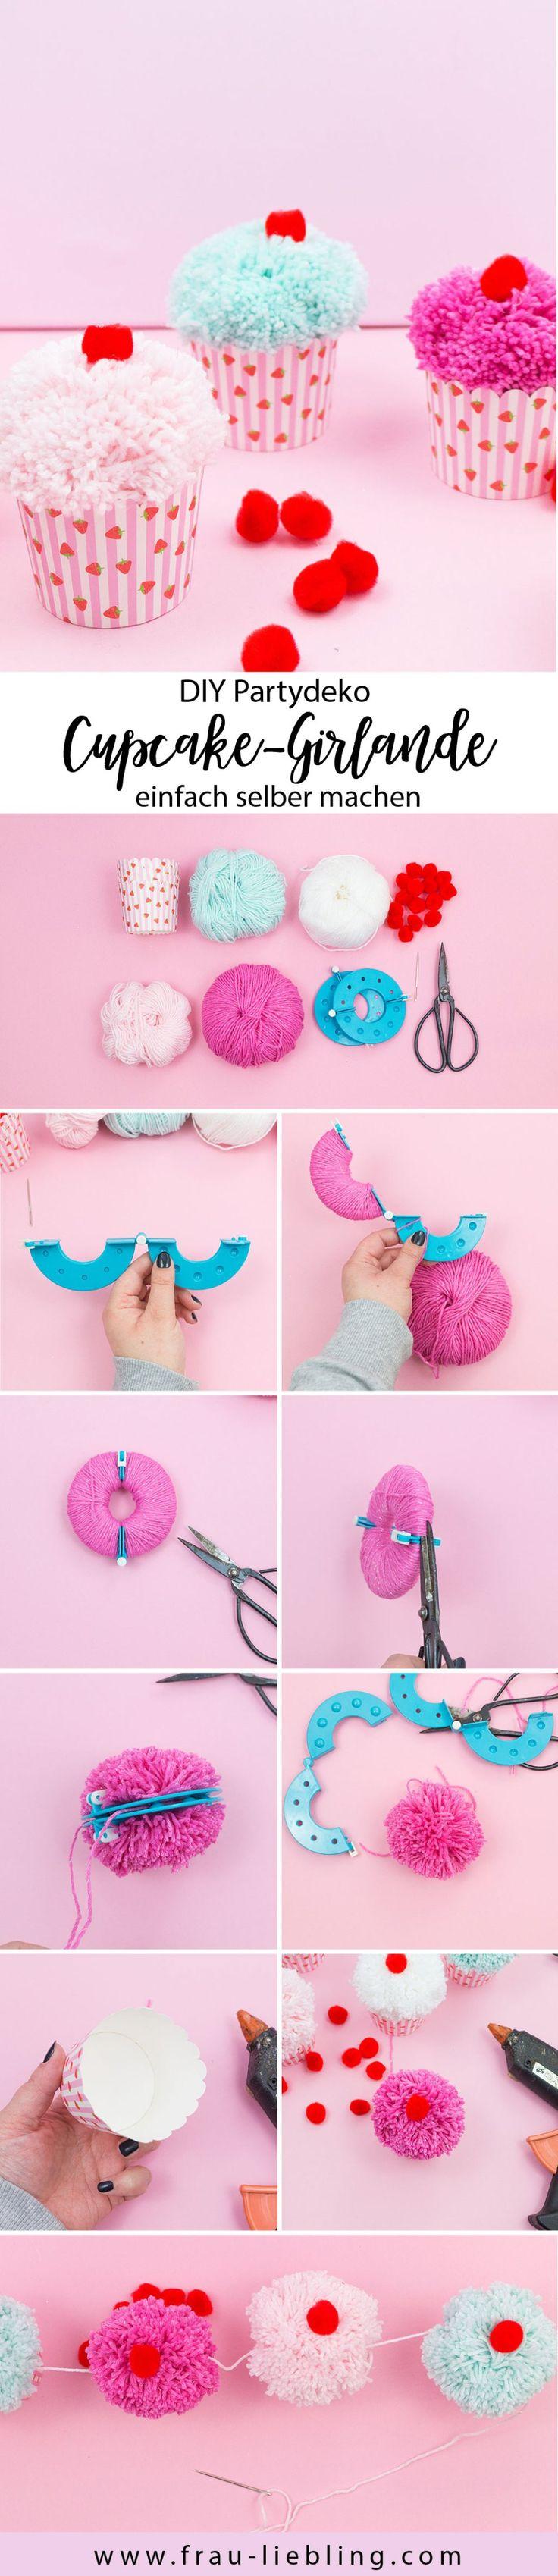 Die besten 25+ Girlanden Ideen auf Pinterest | Girlande, Bunting ...